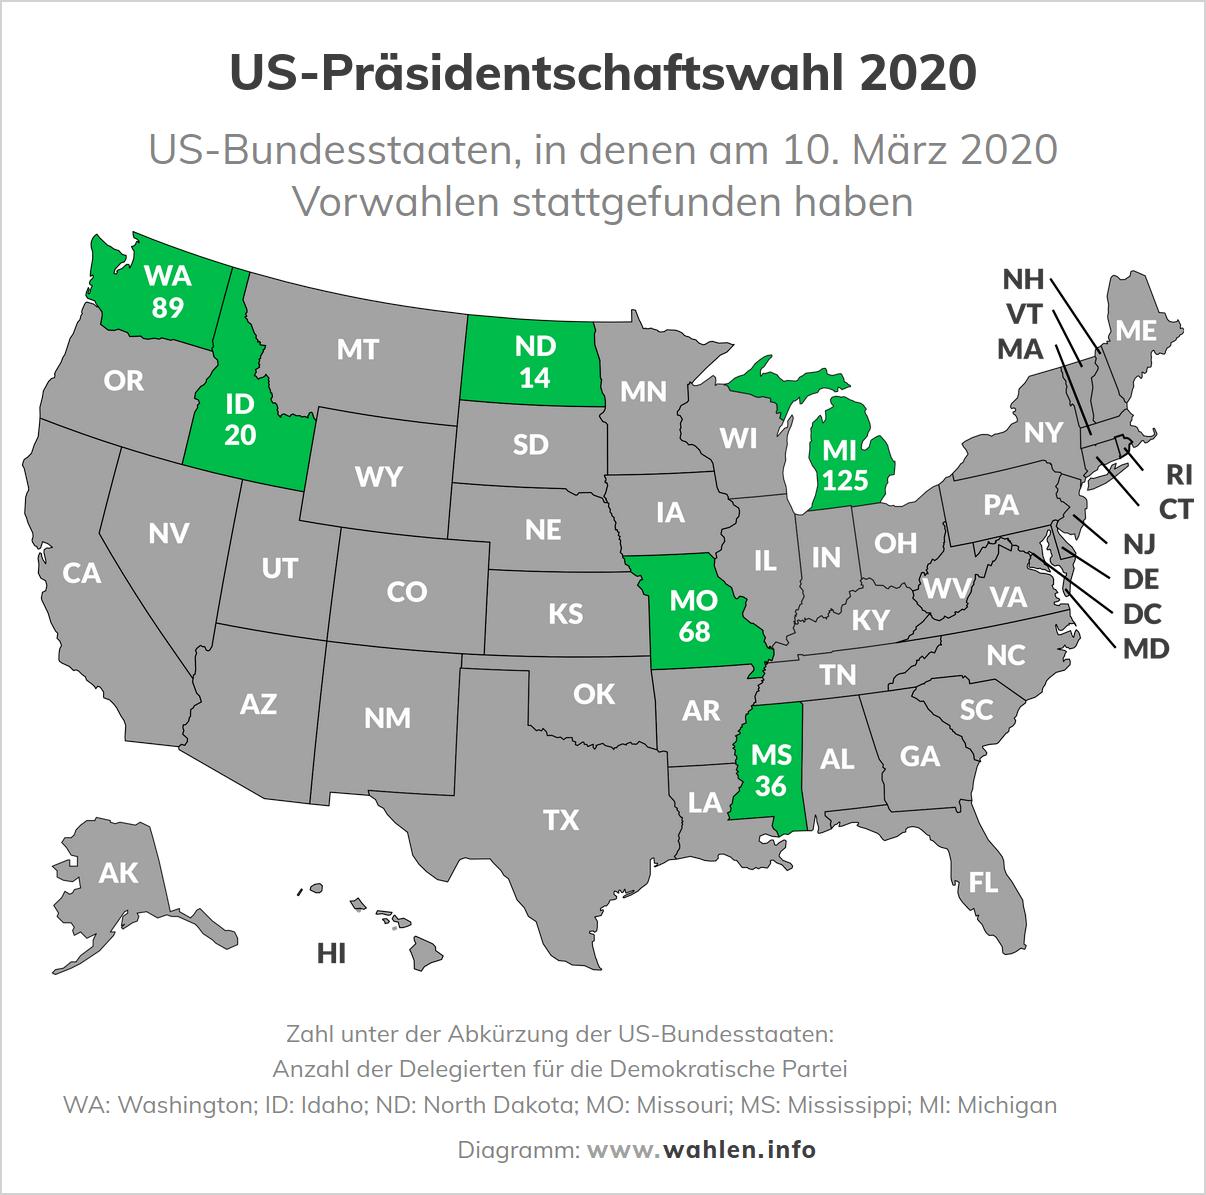 Präsidentschaftswahl in den USA - Vorwahlen der Demokraten im März 2020